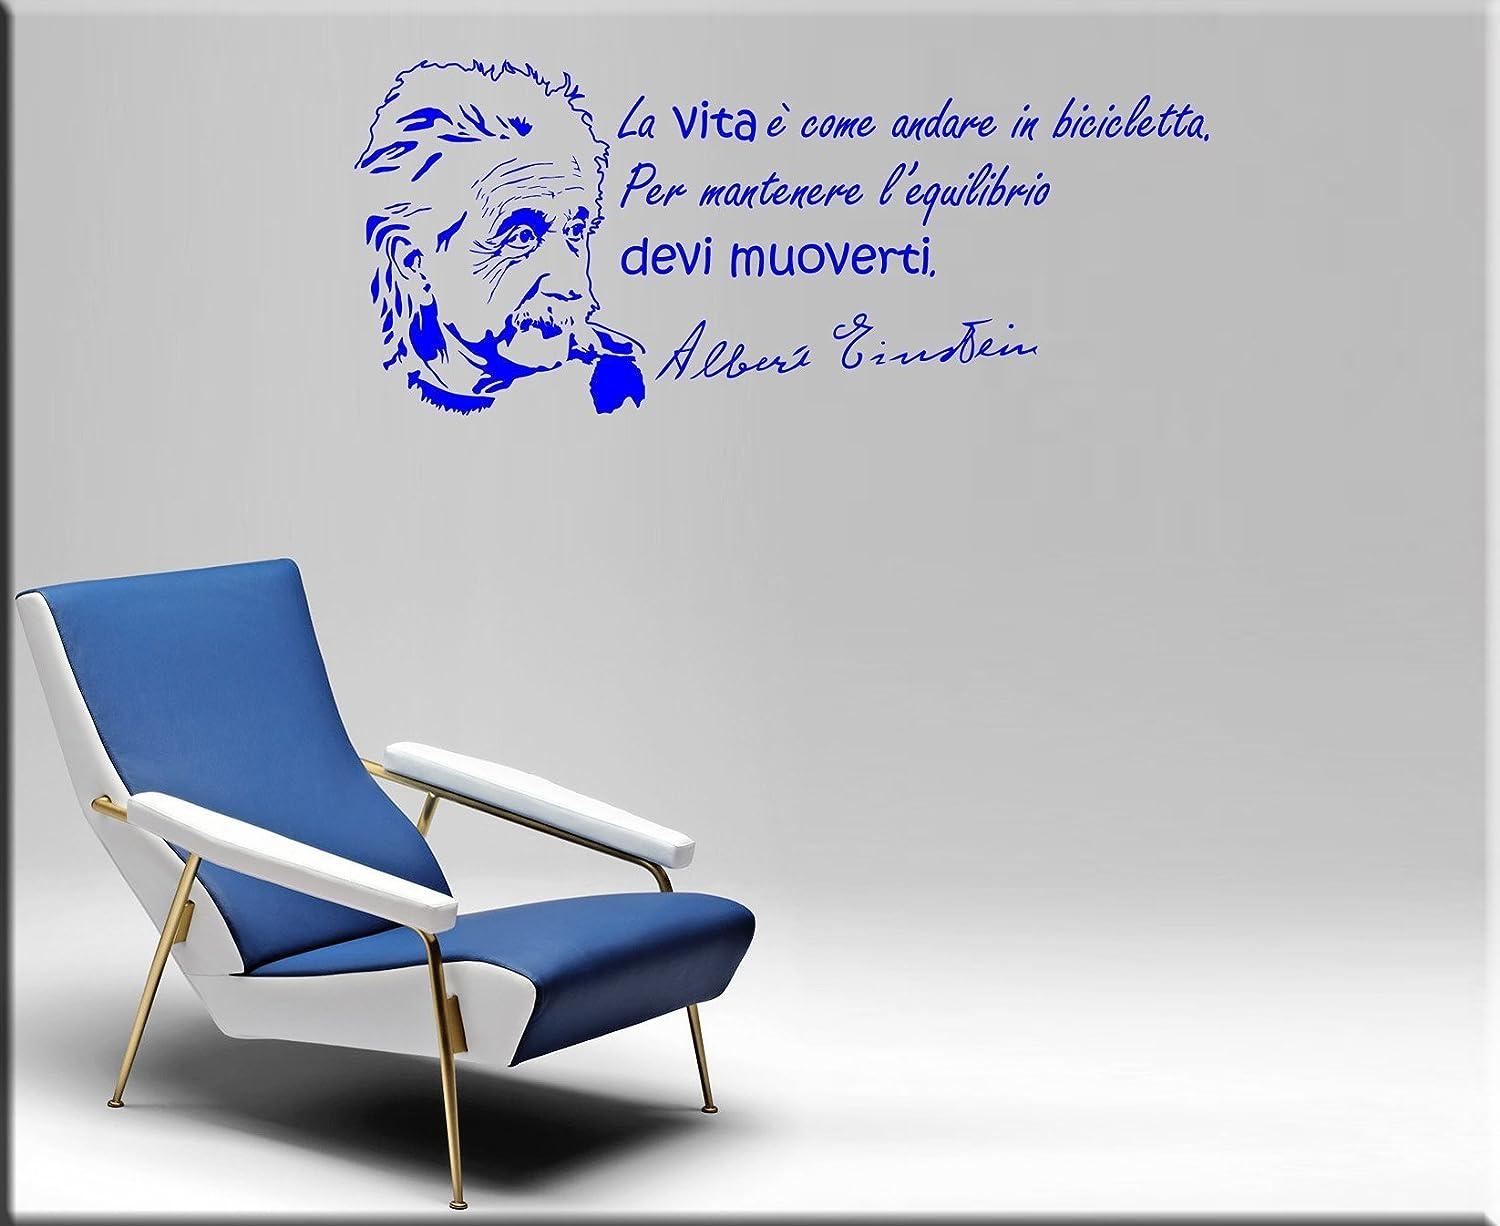 ARREDI MURALI WALL STICKERS STICKER ADESIVI MURALI FRASI ADESIVO DA MURO CON AFORISMA CITAZIONE SULLA VITA ALBERT EINSTEIN